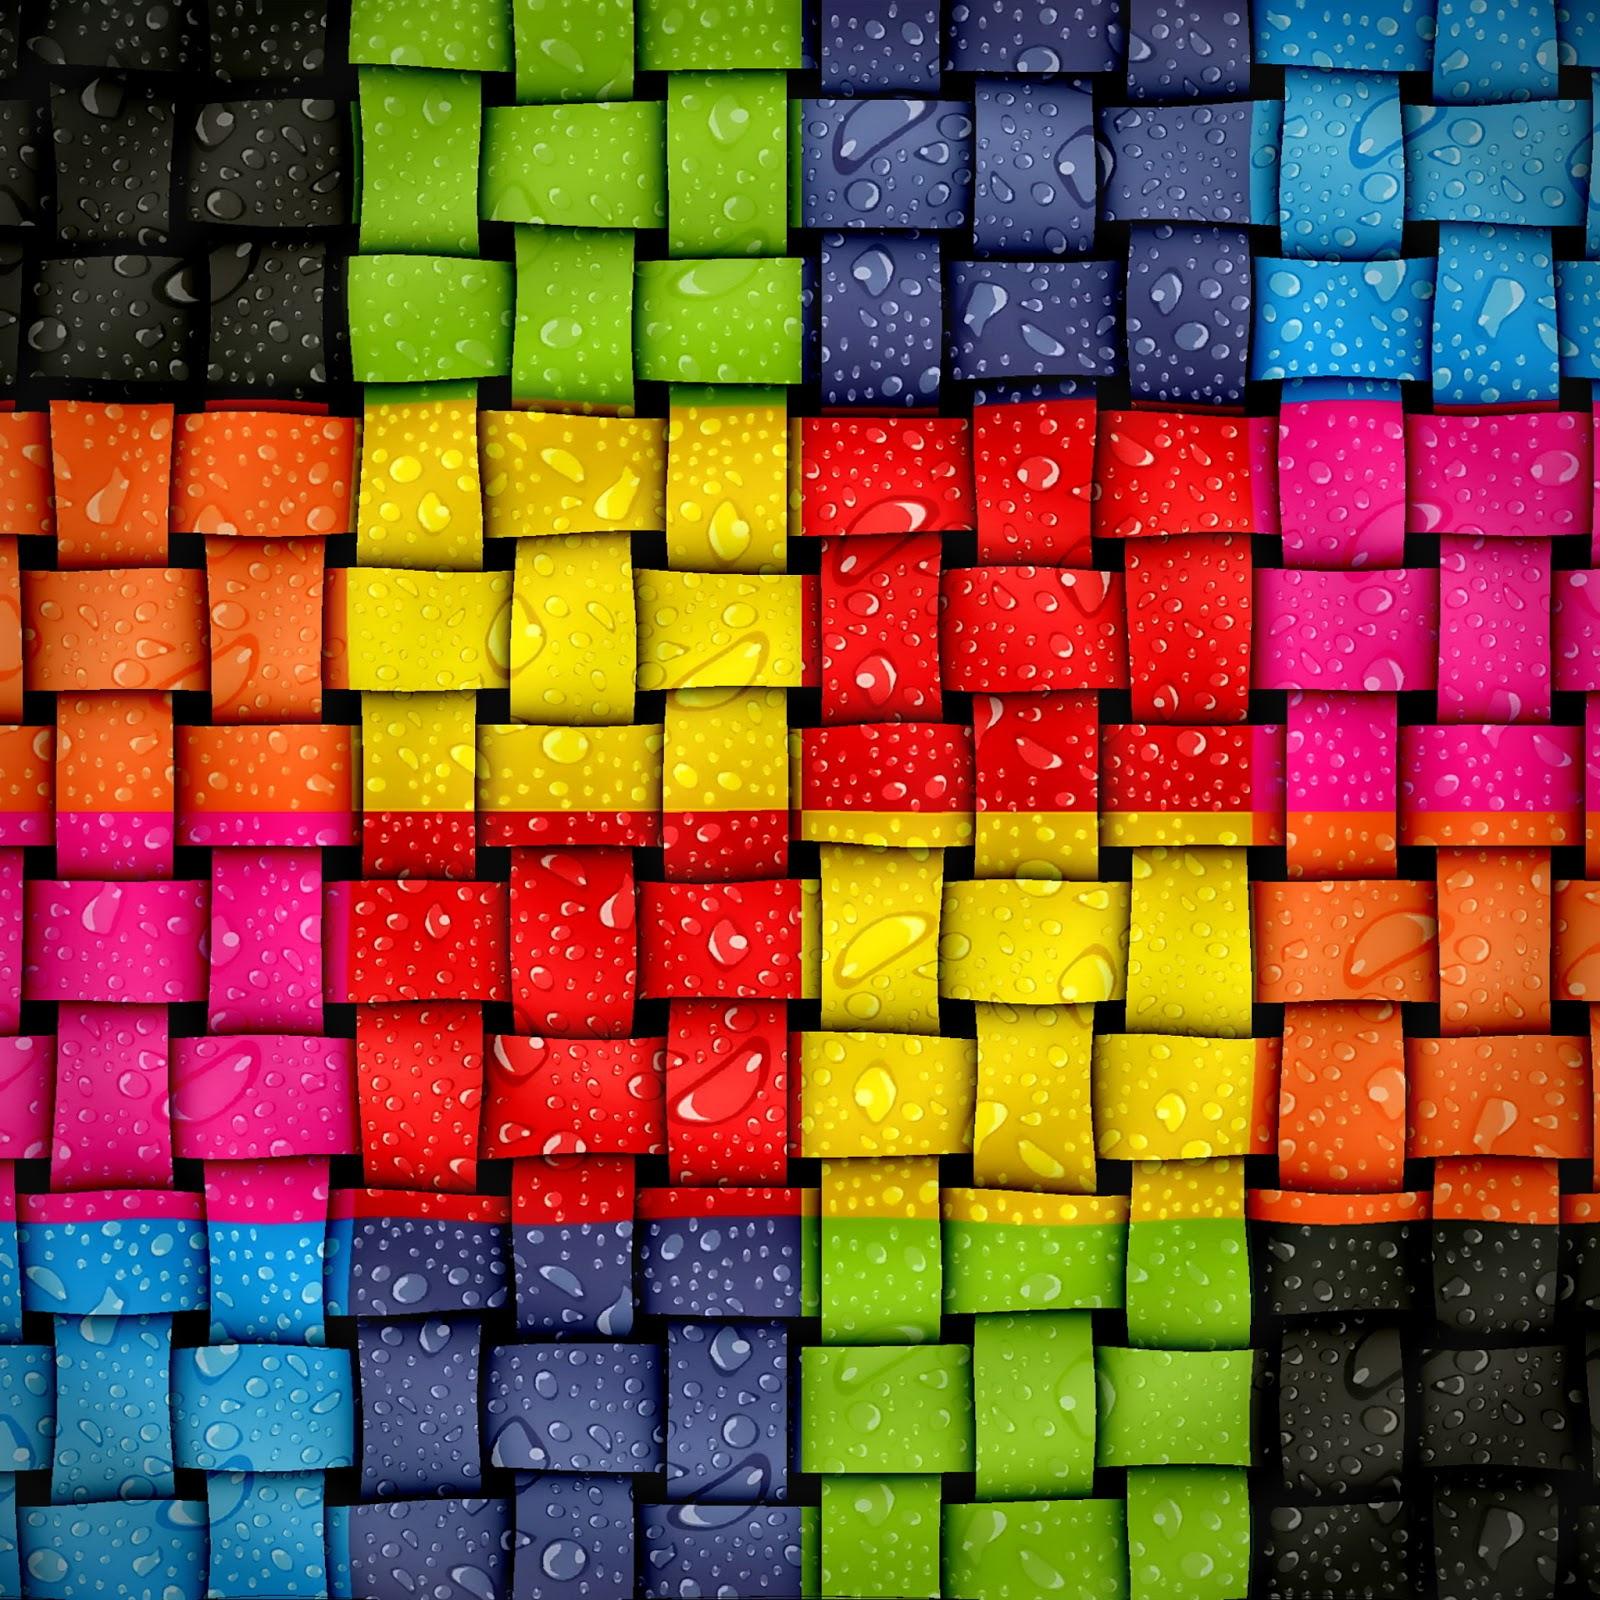 Ipad Hd Wallpapers